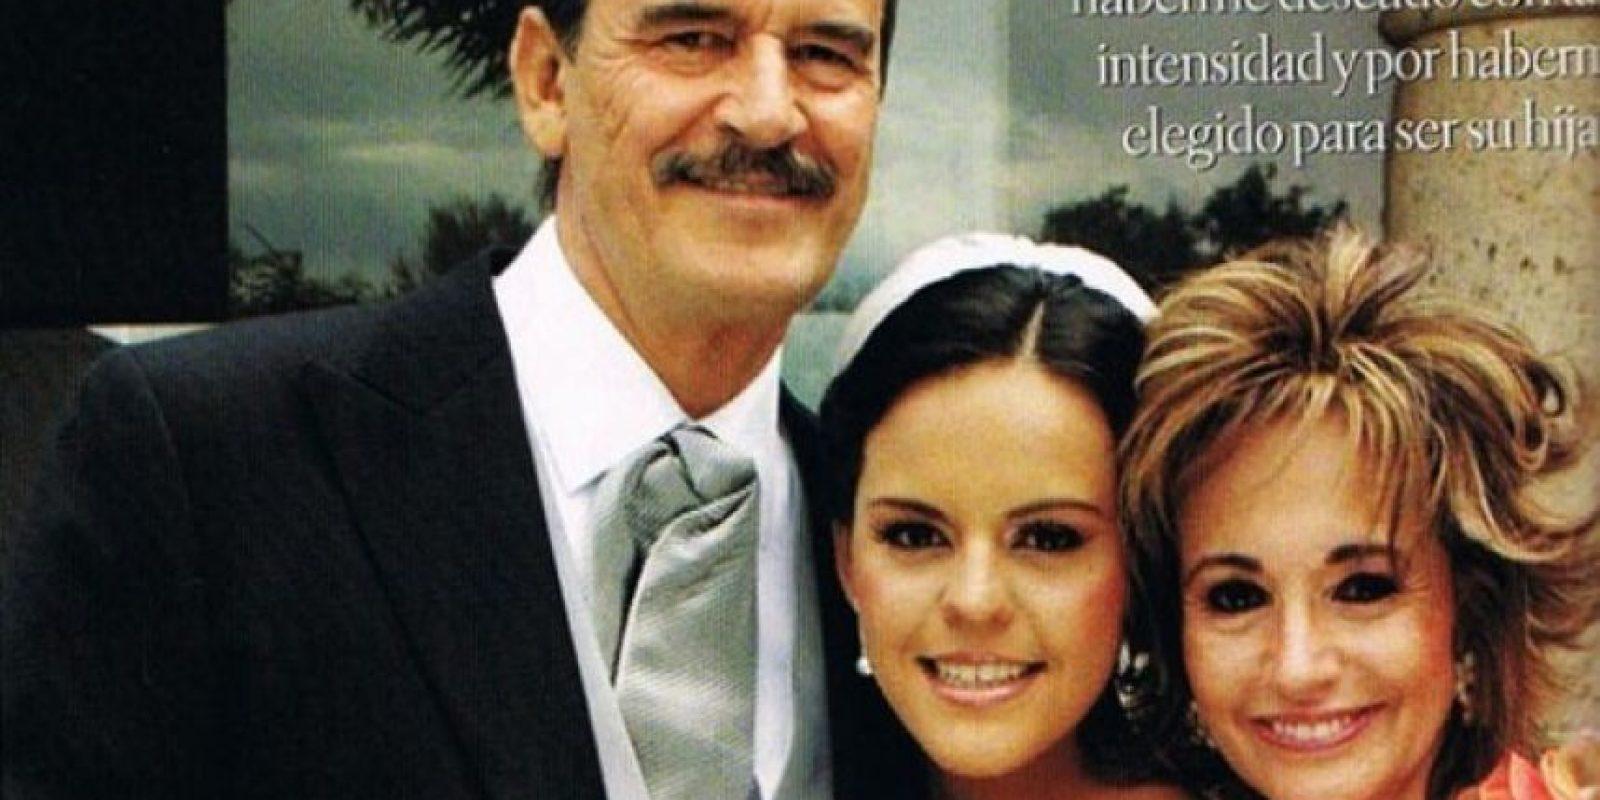 En 2014, Marco Antonio Delgado fue sentenciado en Estados Unidos a pasar 20 años de prisión en una prisión federal de alta seguridad. Foto:Quien.com